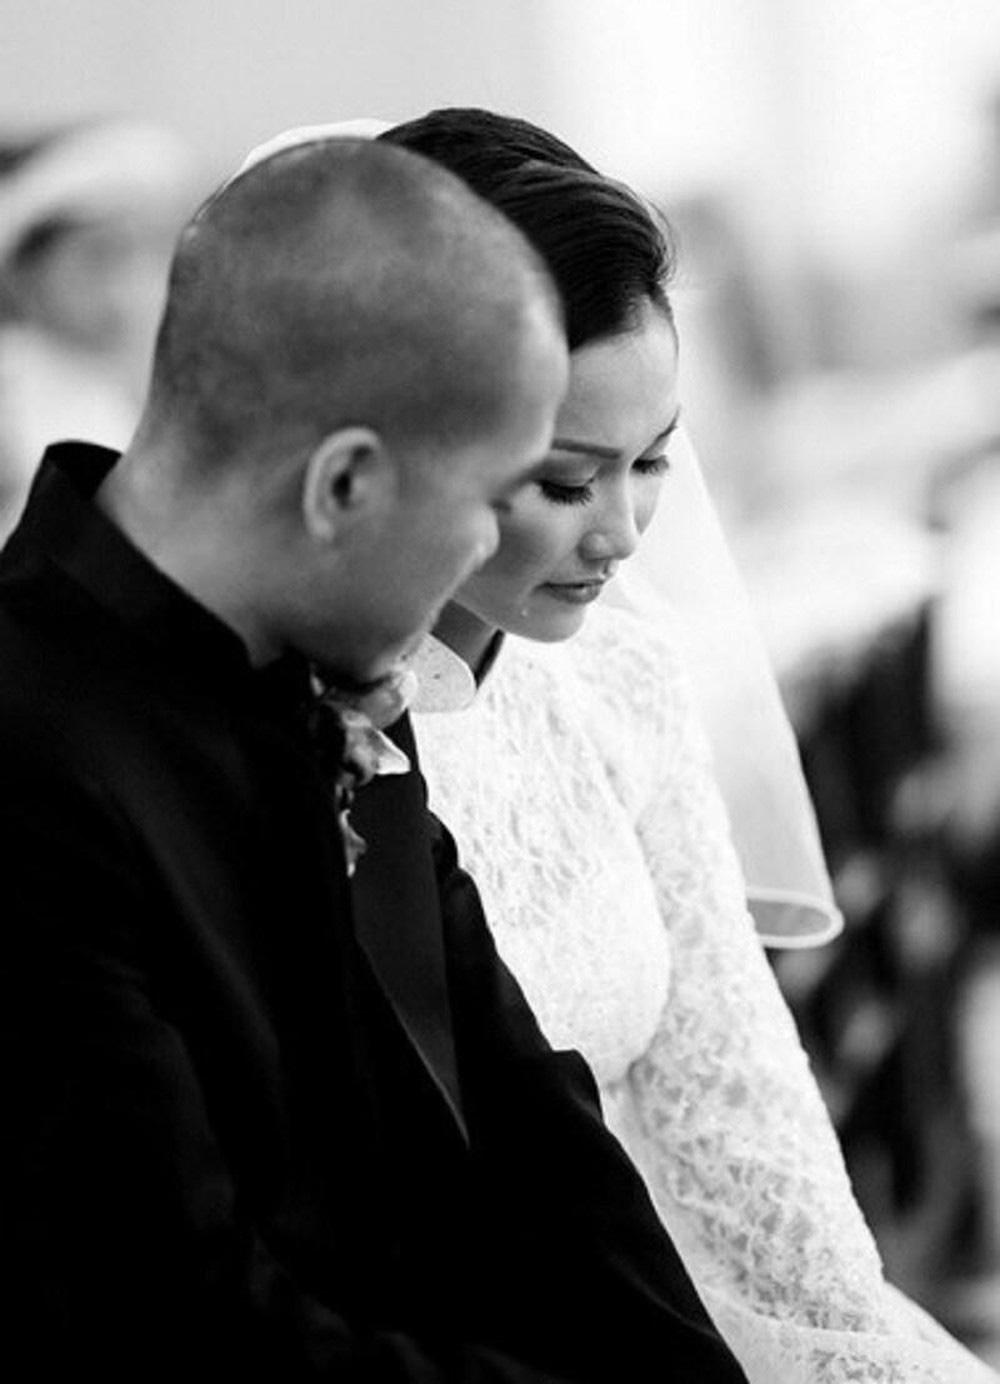 Không thể về chịu tang, Kim Hiền xúc động vì chồng cũ thay mặt để lo chu toàn và đưa tiễn mẹ ruột về nơi an nghỉ cuối cùng - Ảnh 3.